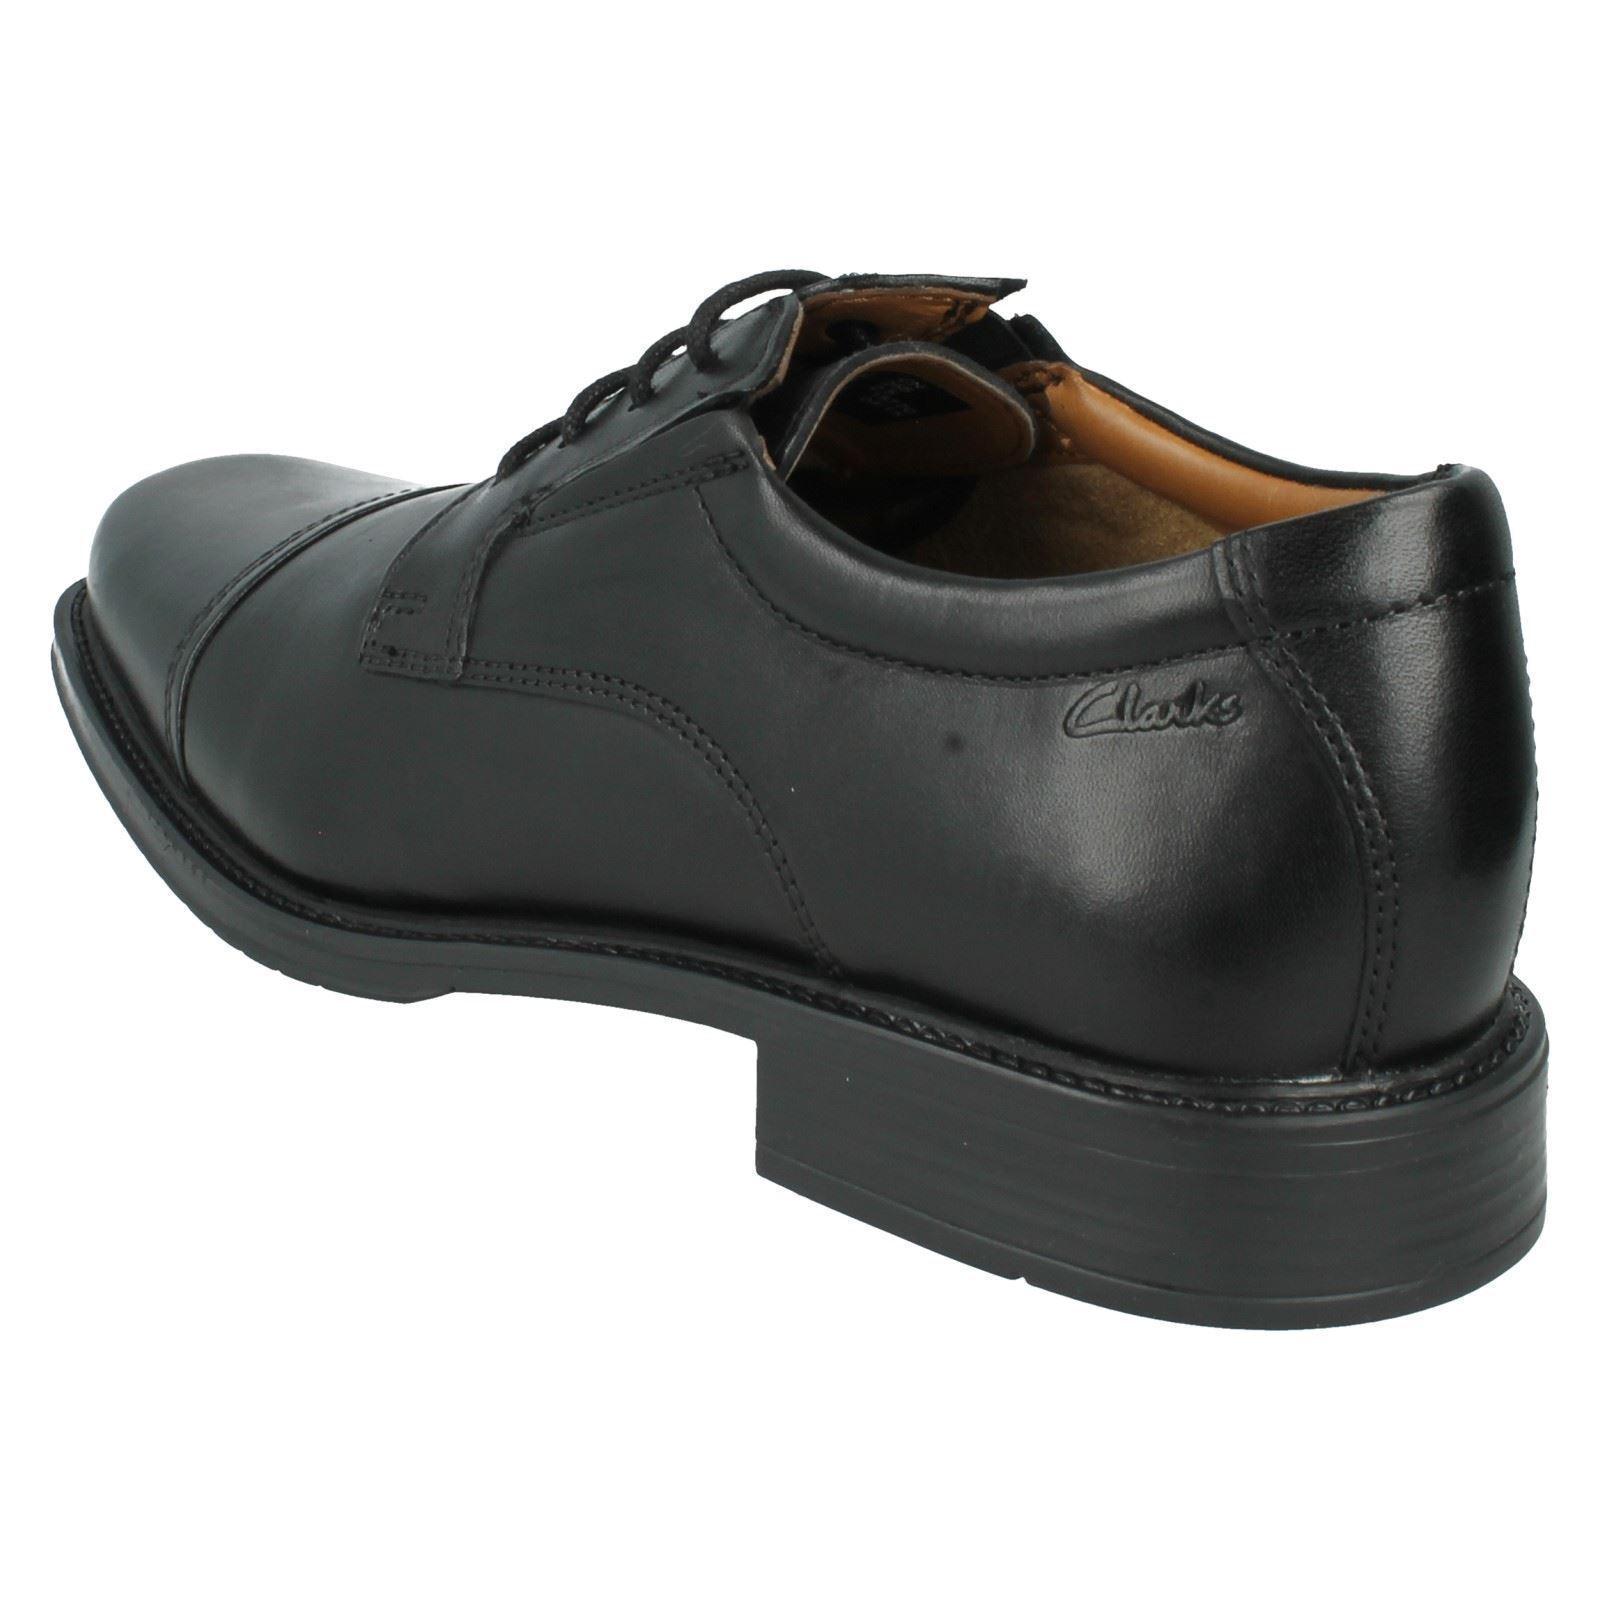 Men's Shoes Clarks Black Leather Smart Shoes Men's - Driggs Cap 3afc20